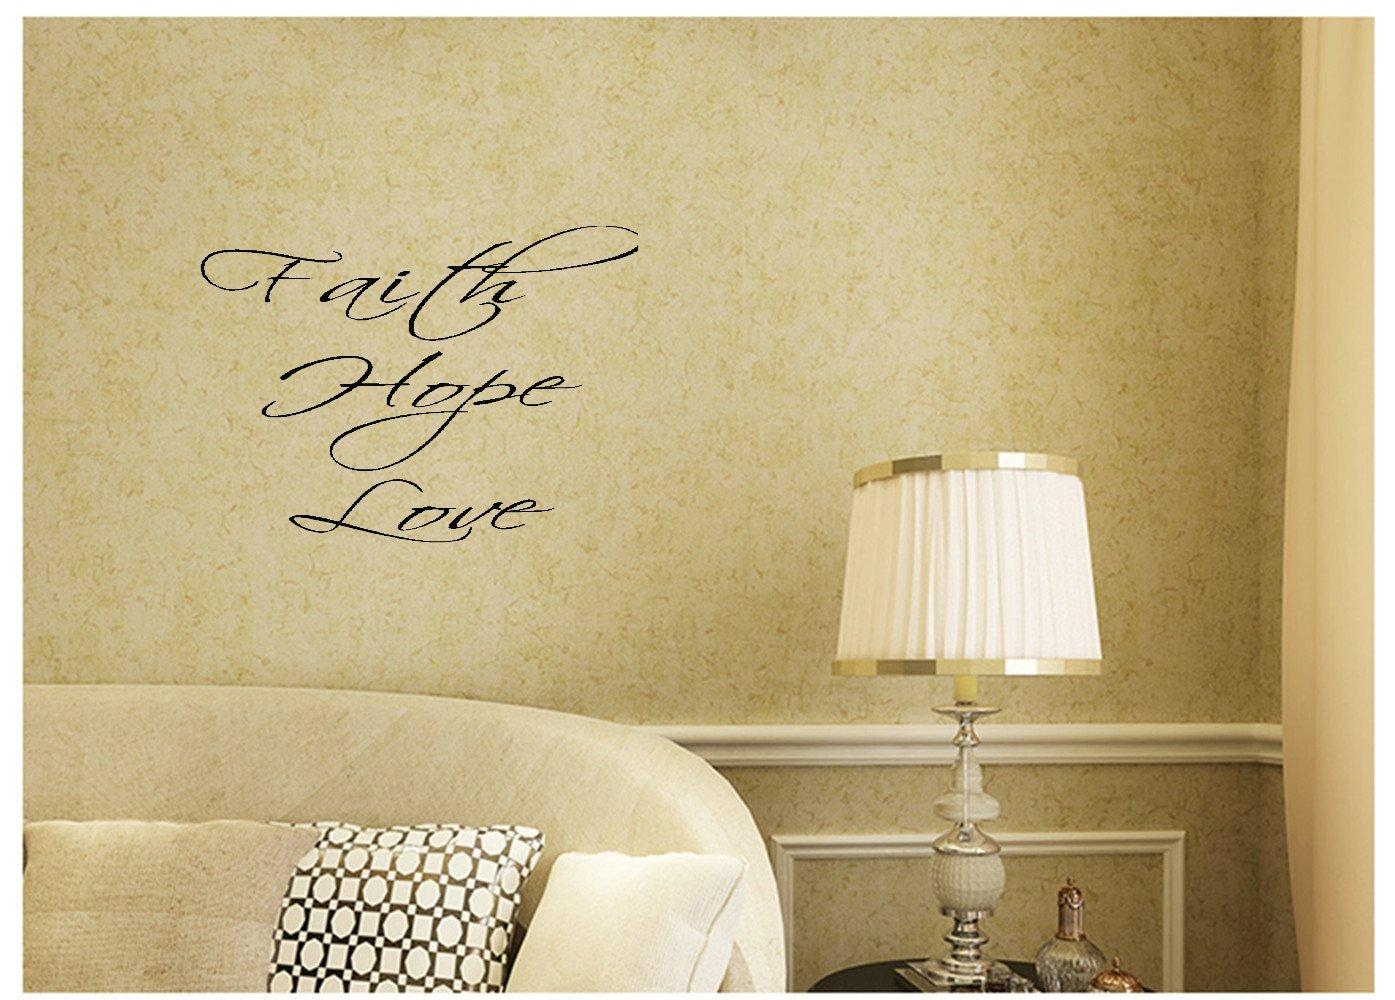 Amazon.com: Faith Hope Love Wall Decal Decor Words Large Nice ...